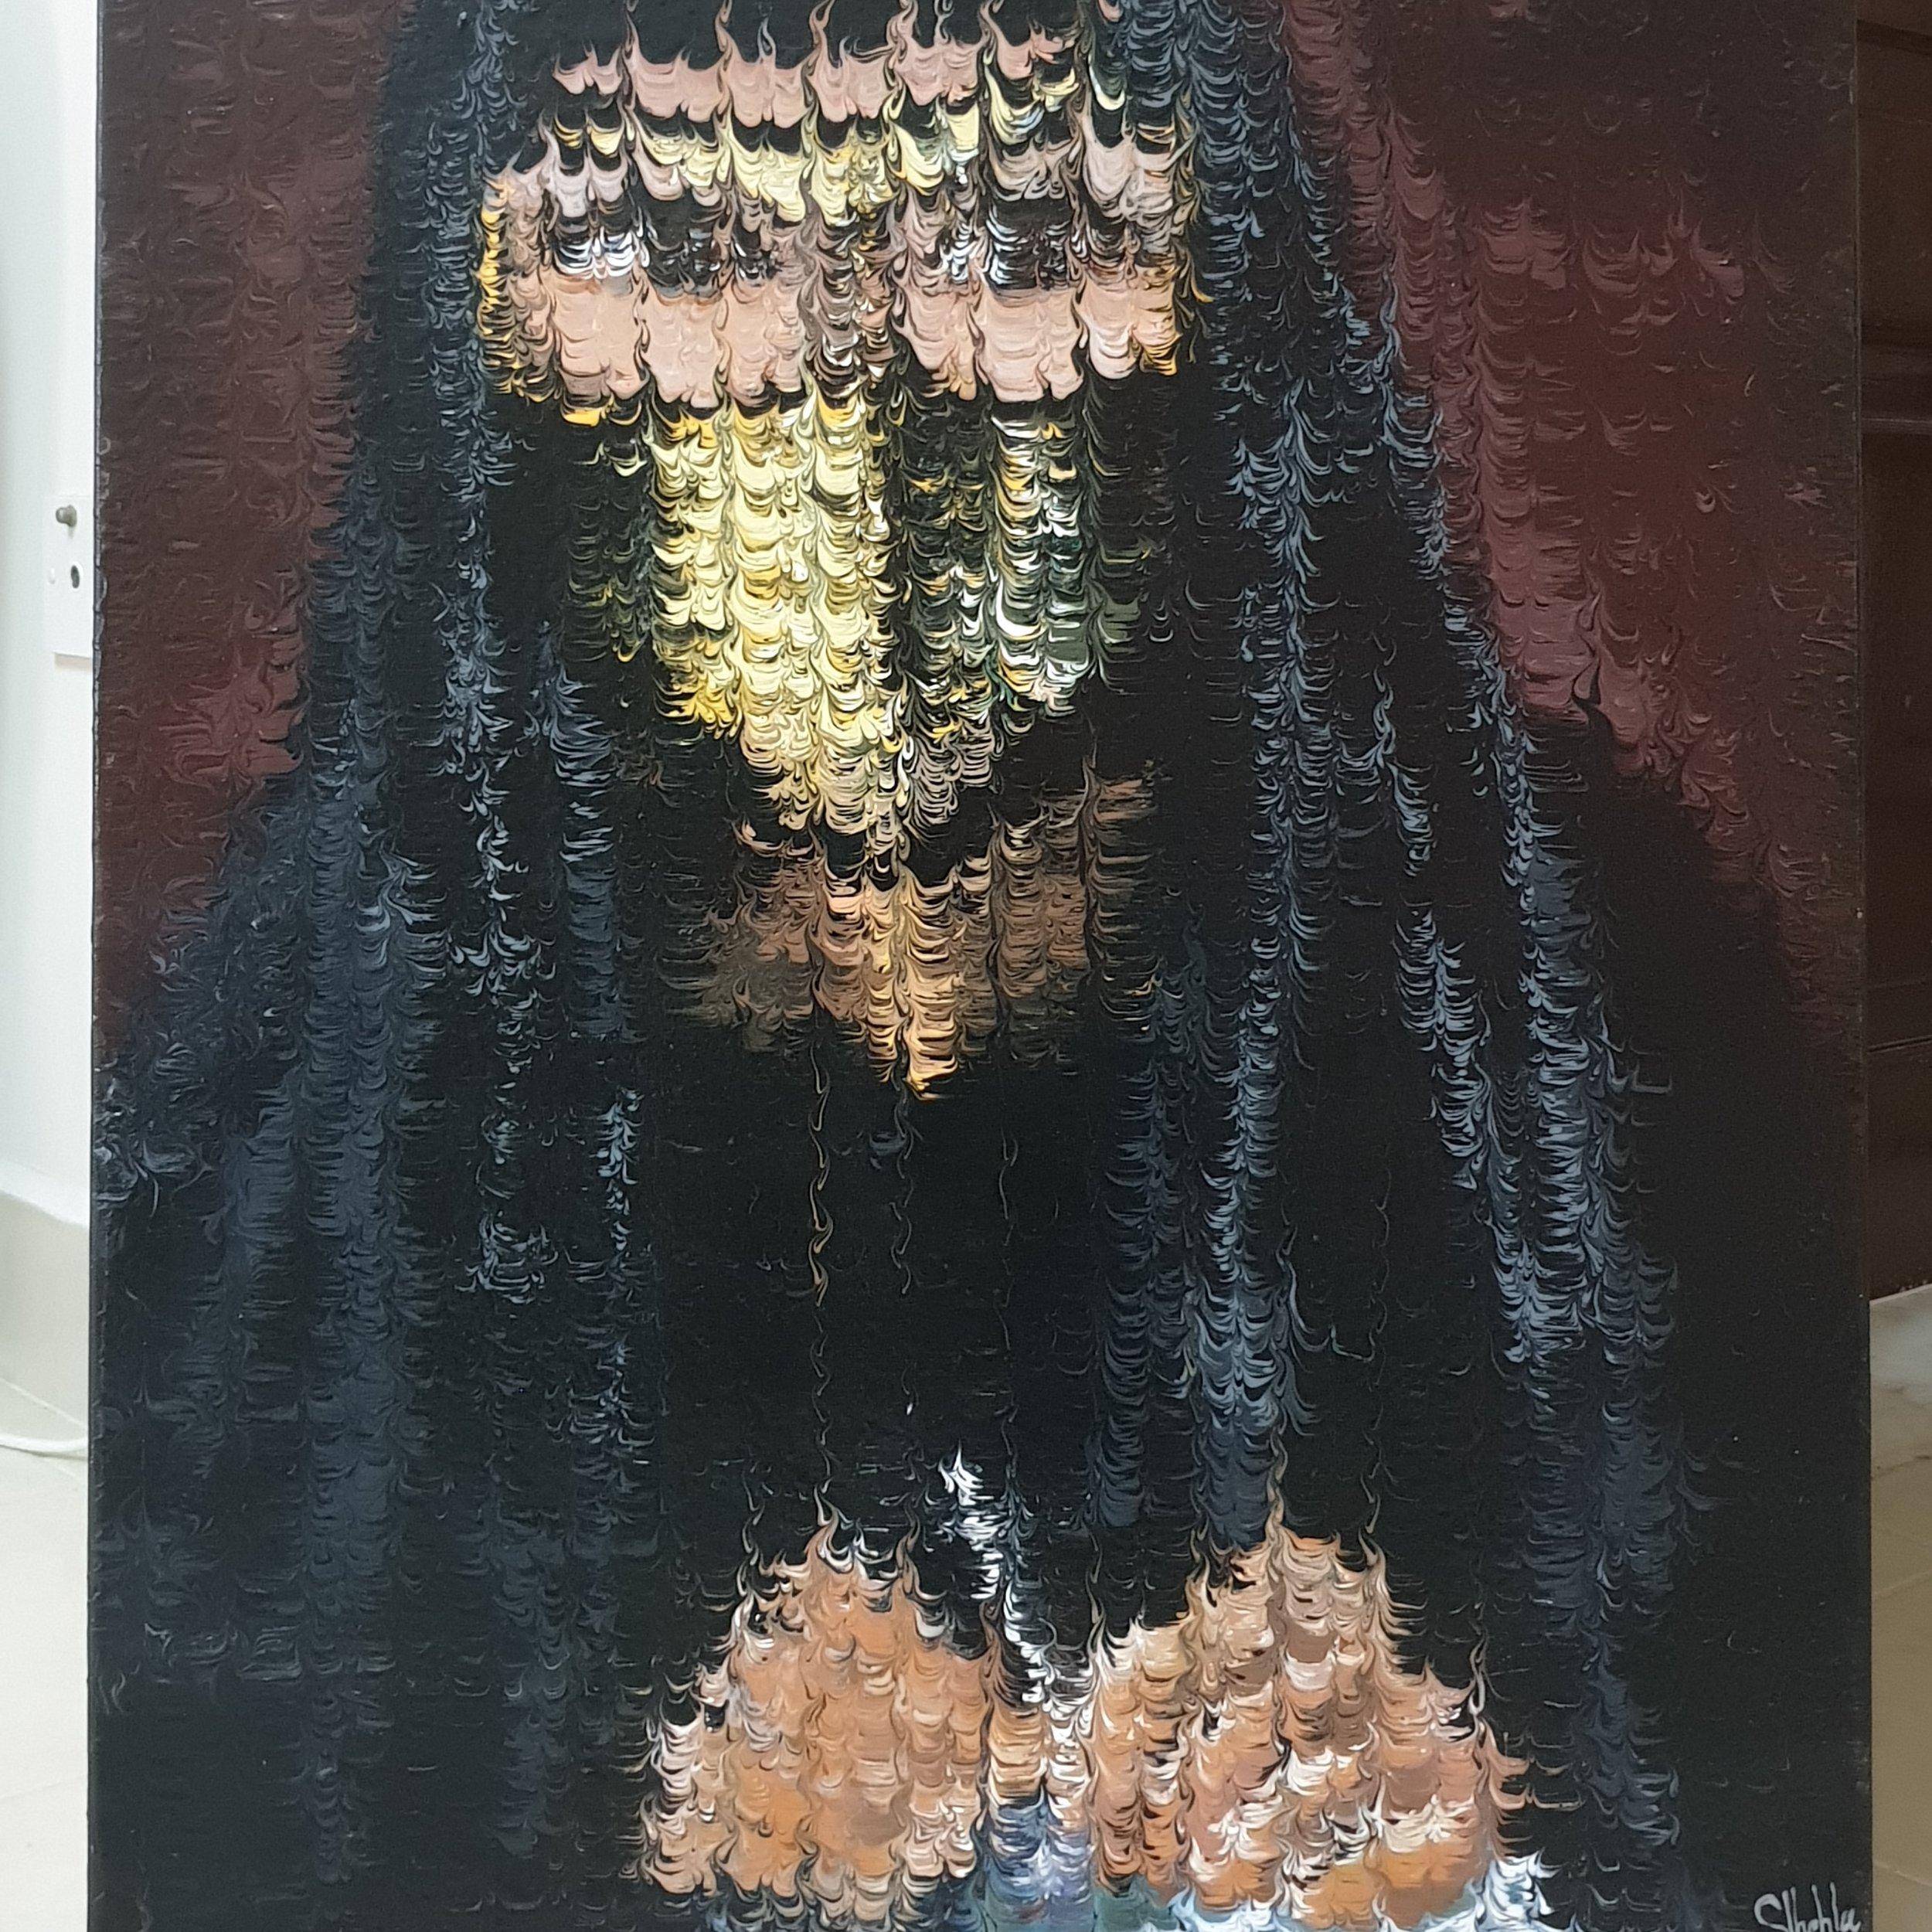 Shehla Khalid Khan art